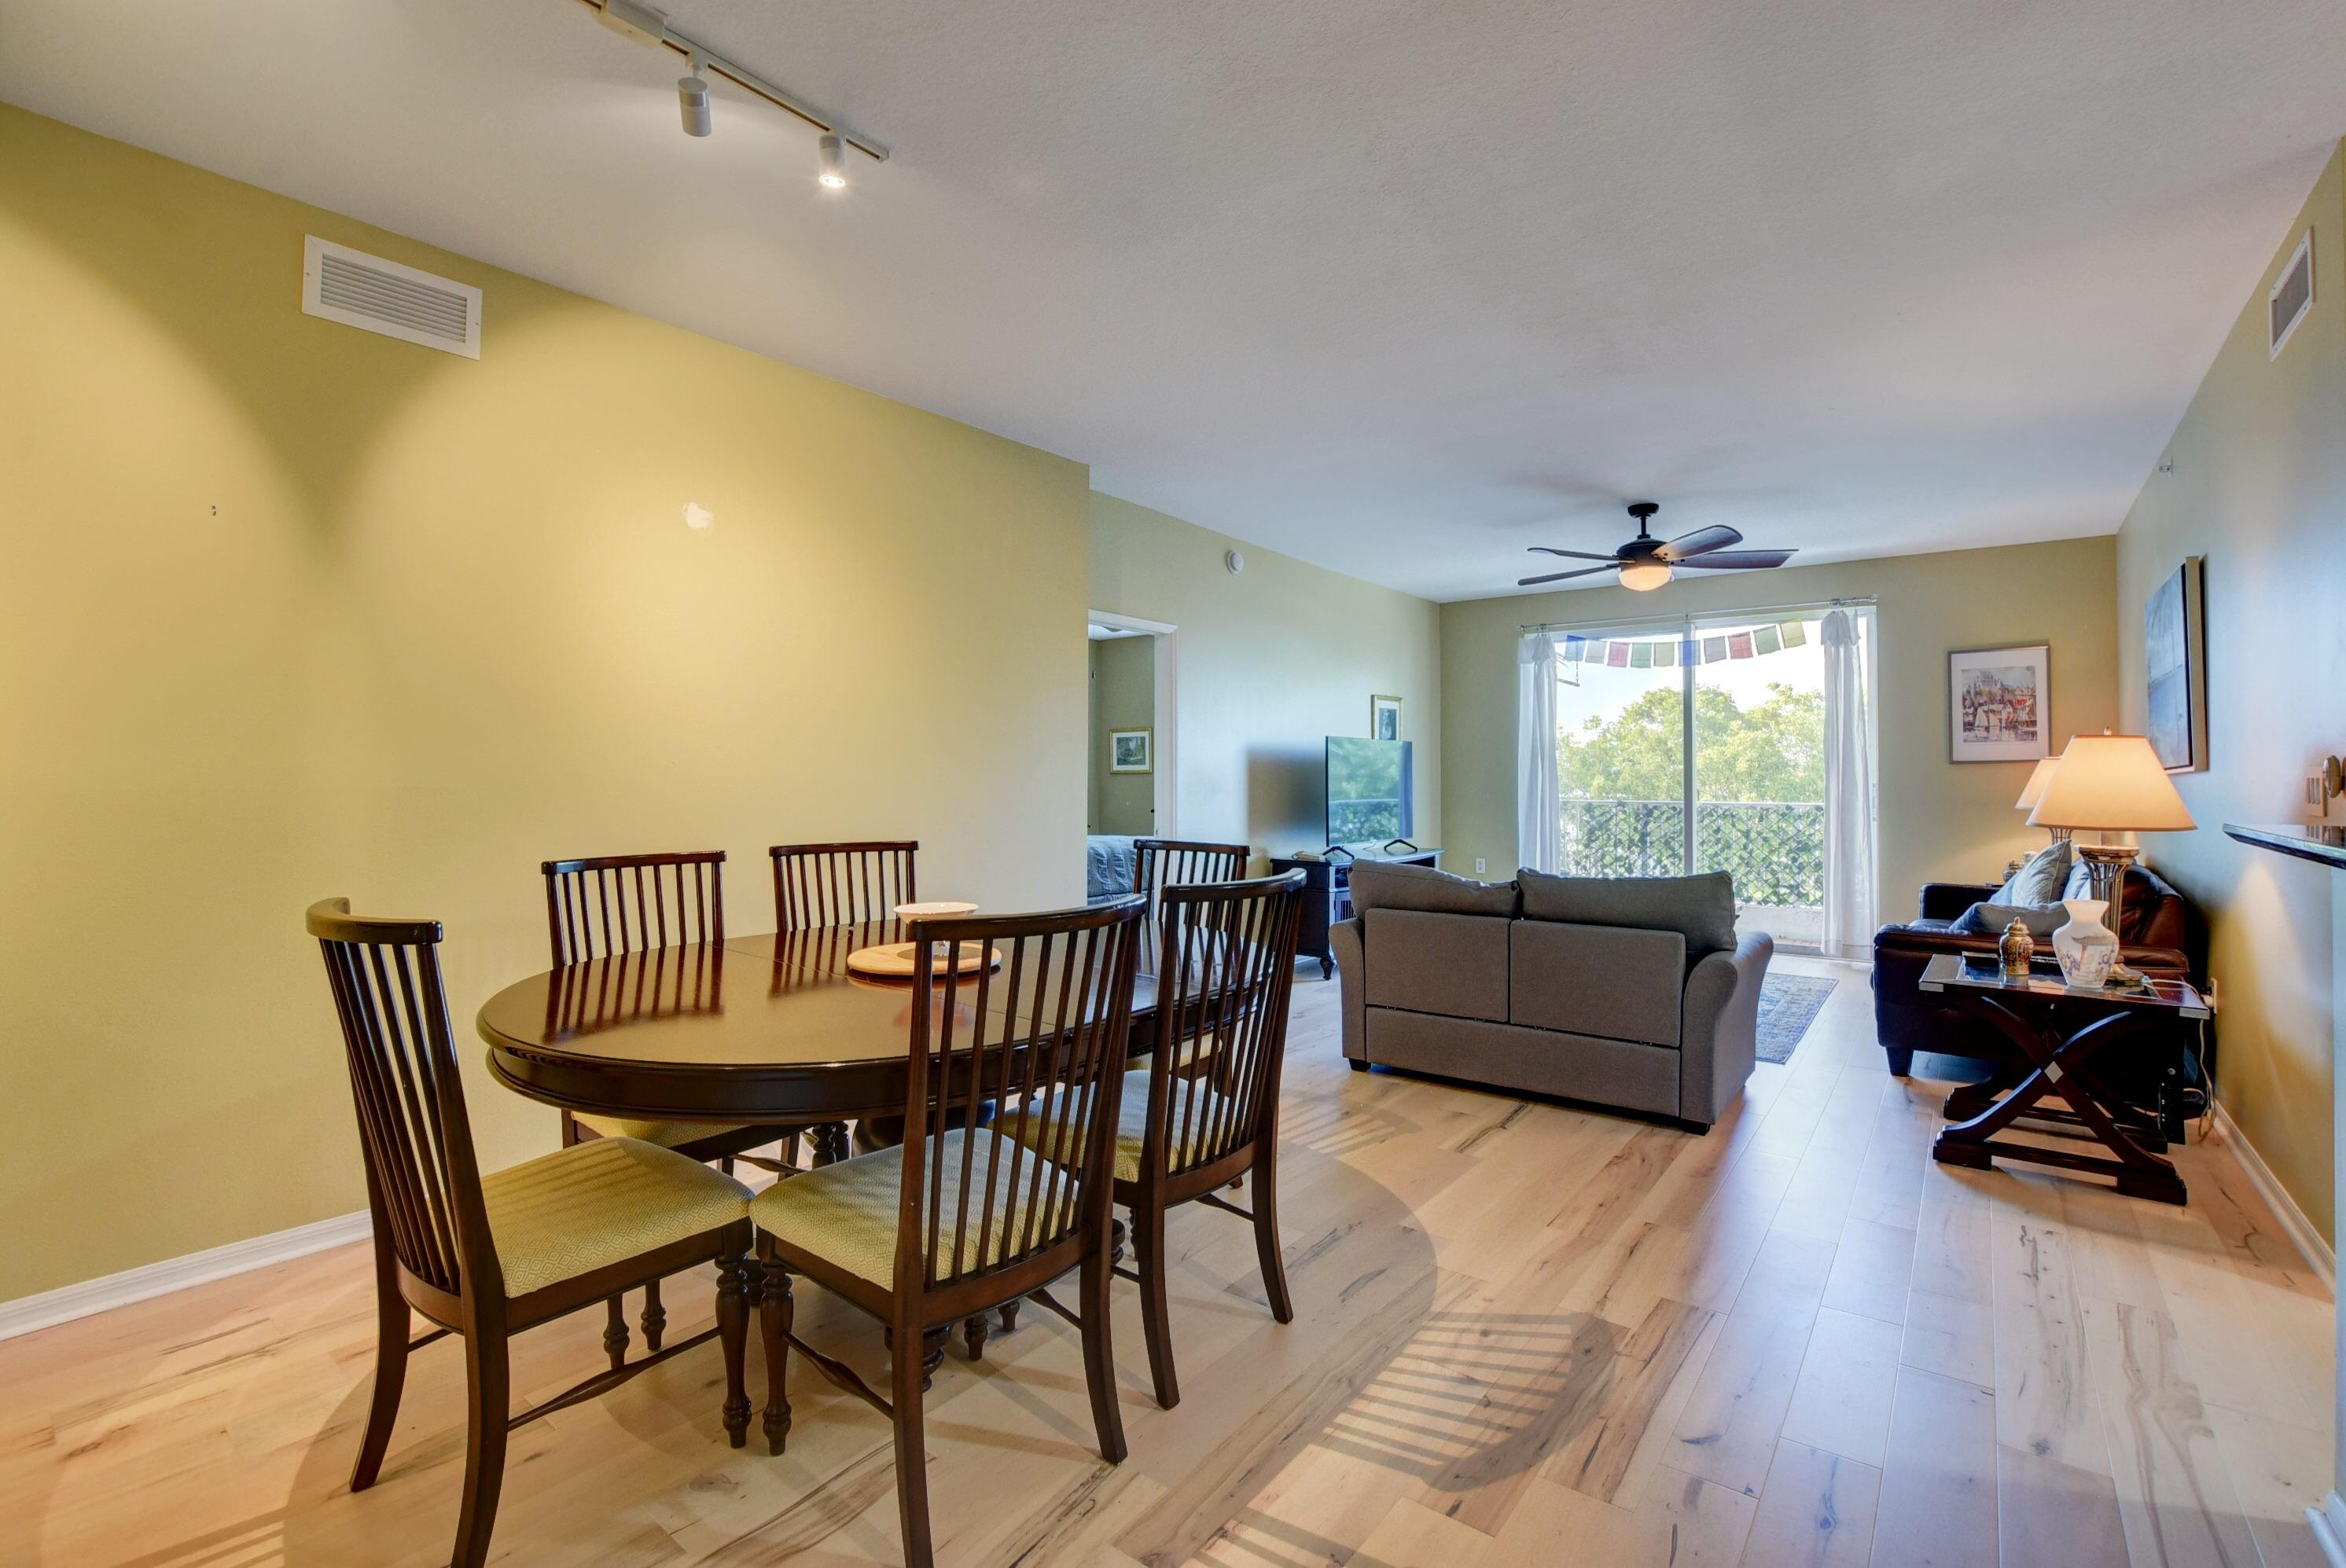 2.2 Dining room